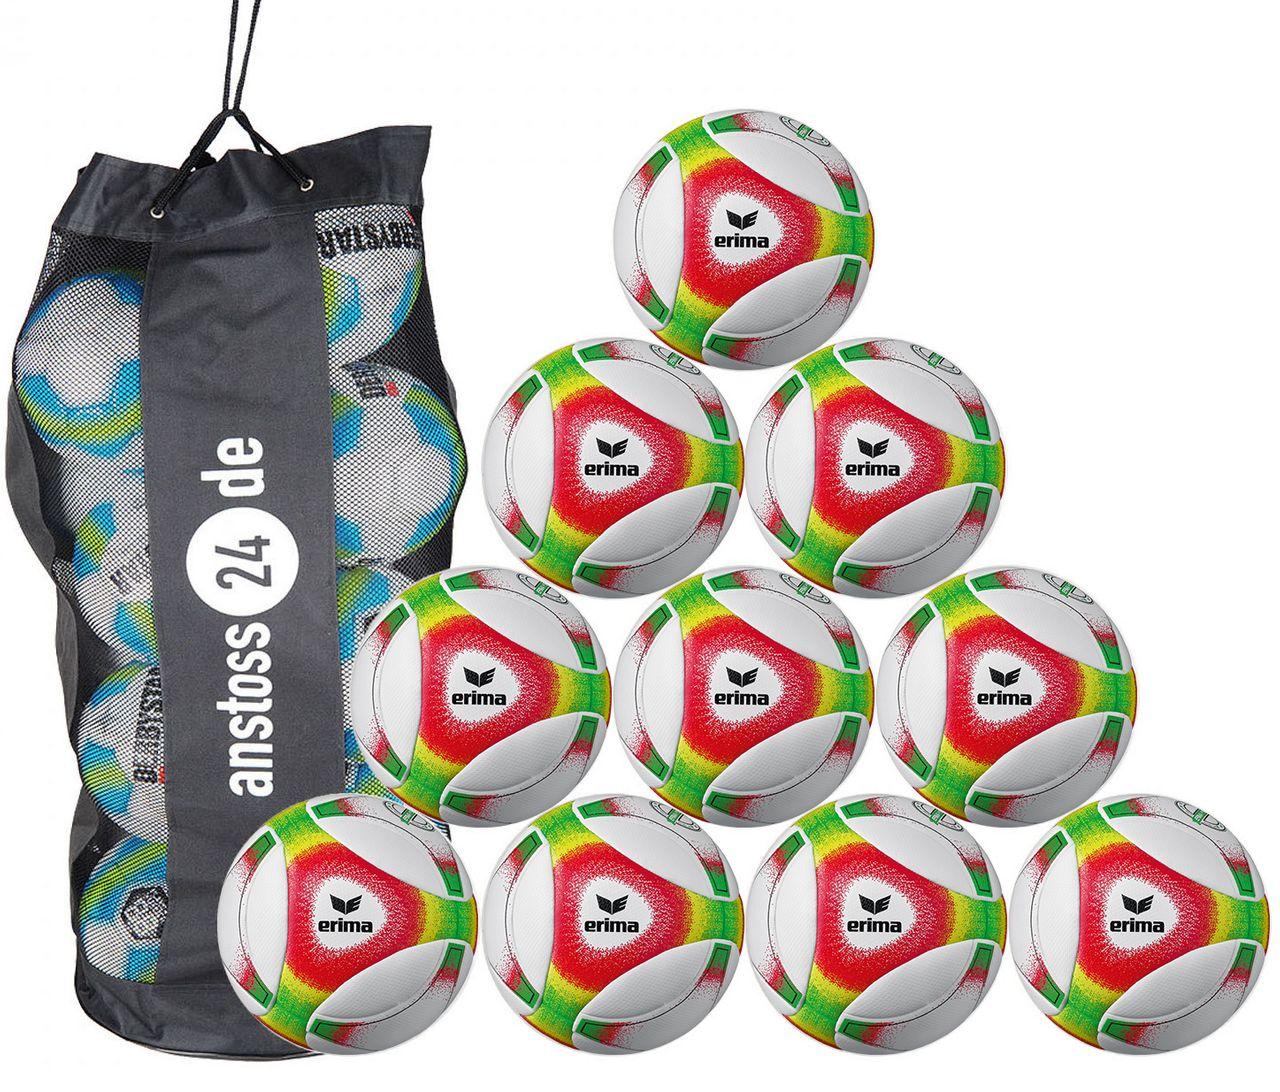 10 x erima Jugendball Futsal Hybrid JNR 350 (2019) inkl. Ballsack